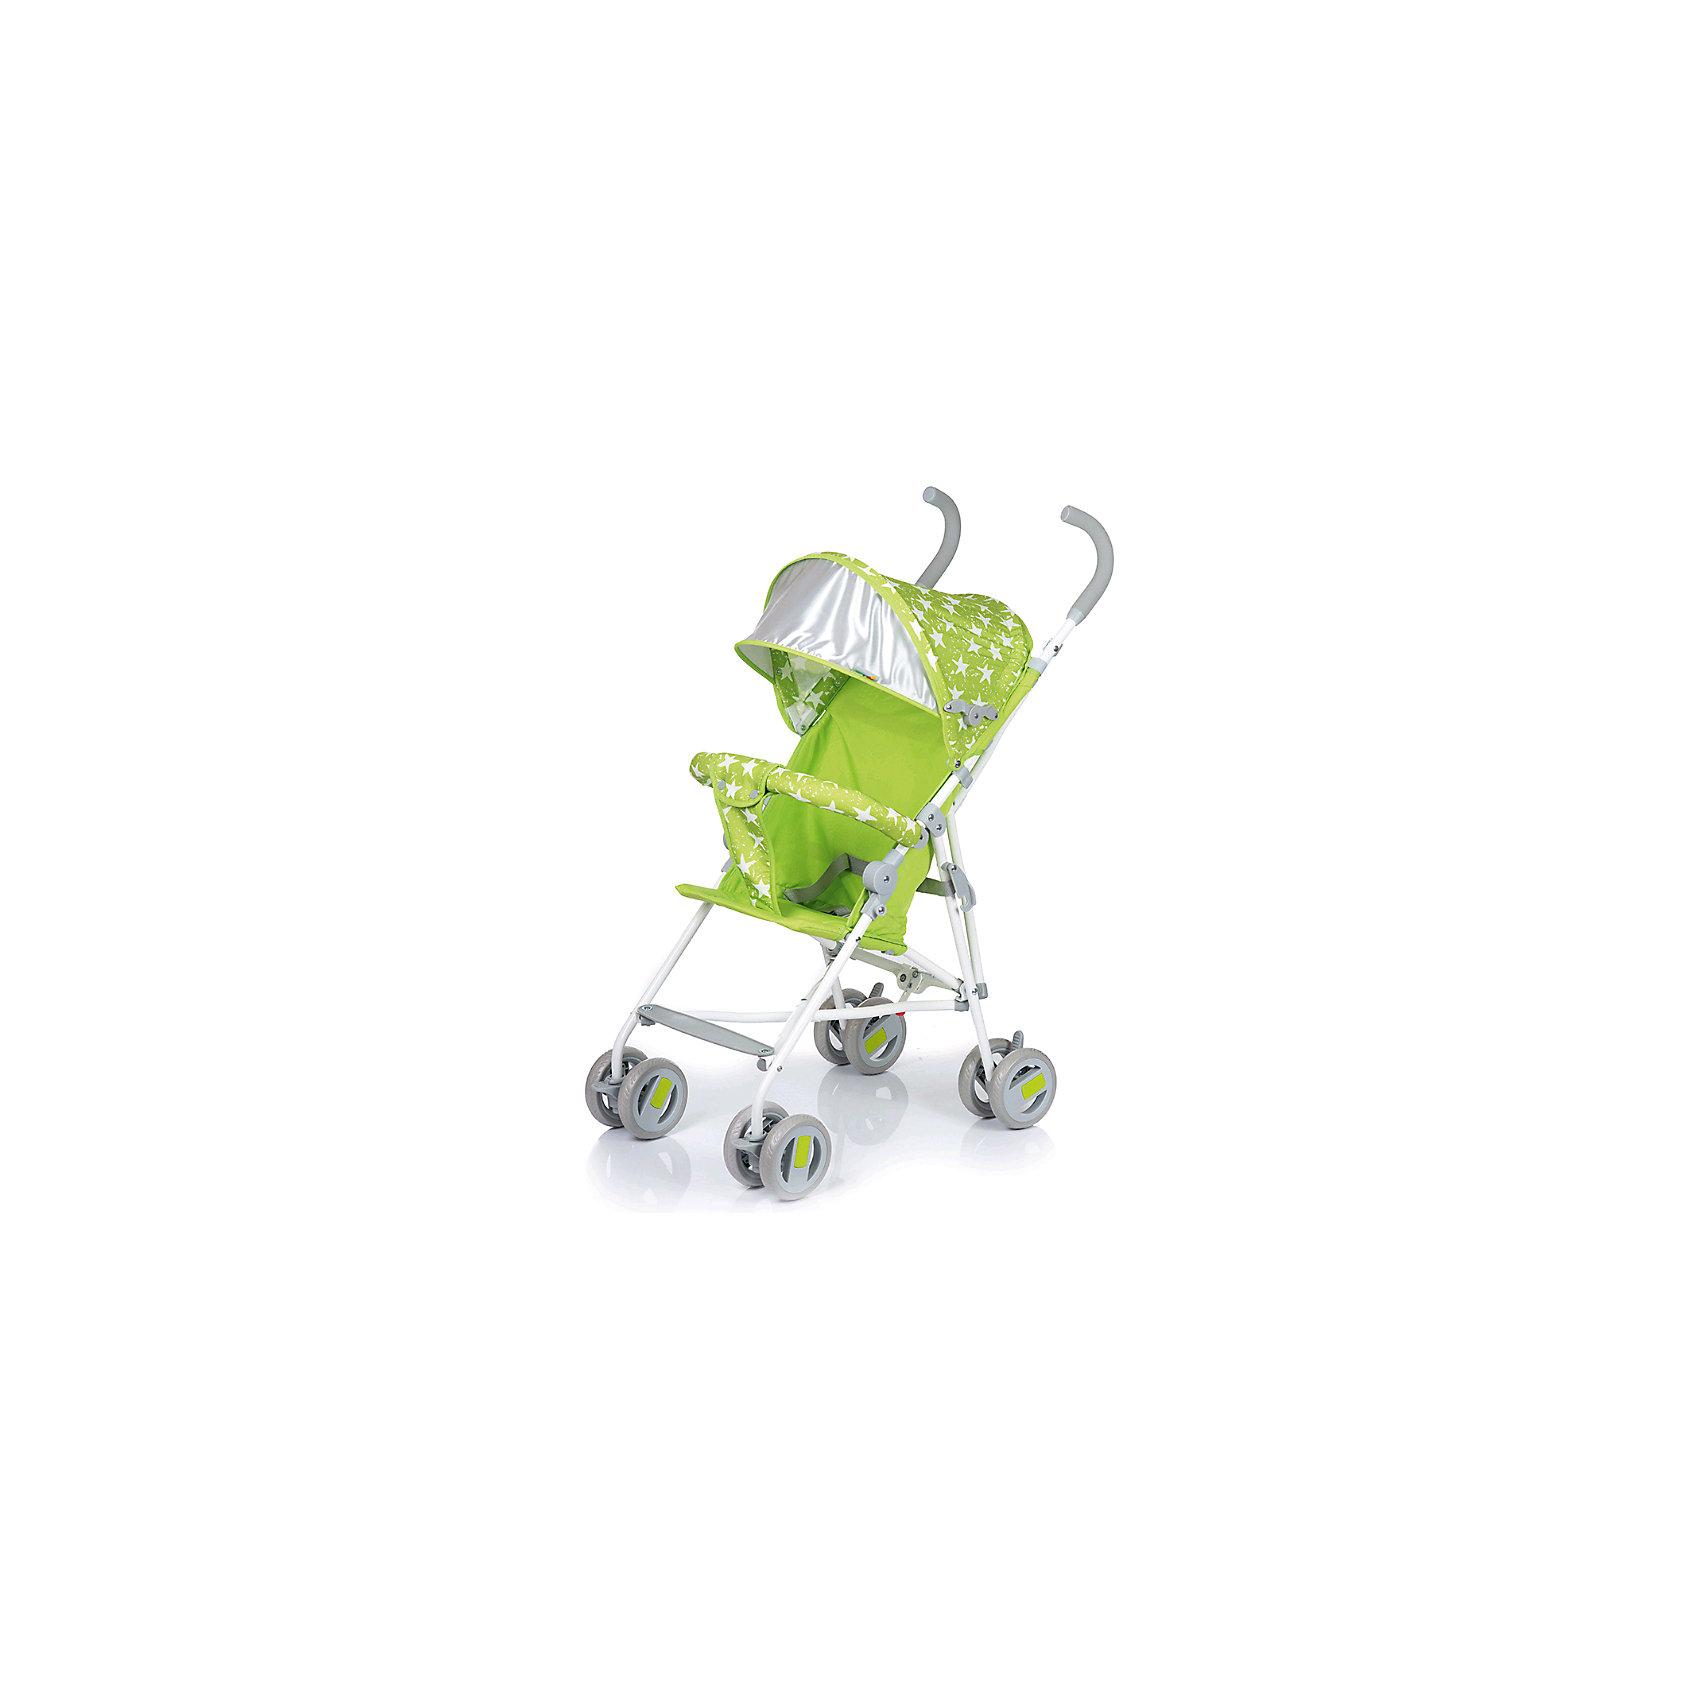 Коляска-трость BabyHit Weeny Green Star (Звезды, зеленый)Коляски-трости легкие до 6кг.<br>Характеристики коляски:<br><br>• защитный бампер с мягким разделителем;<br>• защитный поясной ремень;<br>• капюшон оснащен широким солнцезащитным козырьком;<br>• малыш может поставить ножки на пластиковую подножку;<br>• сдвоенные колеса на передней и задней оси;<br>• передние «плавающие» колеса с фиксаторами;<br>• ножной тормоз;<br>• высота спинки: 46 см;<br>• диаметр колес: 12,7 см;<br>• тип складывания коляски: трость.<br><br>Обратите внимание: <br>• спинка и подножка коляски не регулируется;<br>• коляска без корзины для покупок.<br><br>Размер коляски: 75х45х93 см<br>Вес коляски: 4,1 кг<br>Размер коляски в сложенном виде: 109х29,5х27,5 см<br>Размер упаковки: 105х41х29 см<br>Вес в упаковке: 4,5 кг<br><br>Легкая и маневренная коляска-трость отлично подходит для путешествий с маленьким ребенком, не занимает много места в багажнике автомобиля, быстро складывается и раскладывается. Ребенок не соскользнет вниз благодаря защитному поручню с паховым ограничителем. Сдвоенные колеса можно зафиксировать, когда коляска едет по песку или гальке. Коляска оснащена тормозами на задних колесах. <br><br>Коляску-трость WEENY, Babyhit можно купить в нашем интернет-магазине.<br><br>Ширина мм: 1050<br>Глубина мм: 290<br>Высота мм: 410<br>Вес г: 4625<br>Возраст от месяцев: 7<br>Возраст до месяцев: 36<br>Пол: Унисекс<br>Возраст: Детский<br>SKU: 6668597